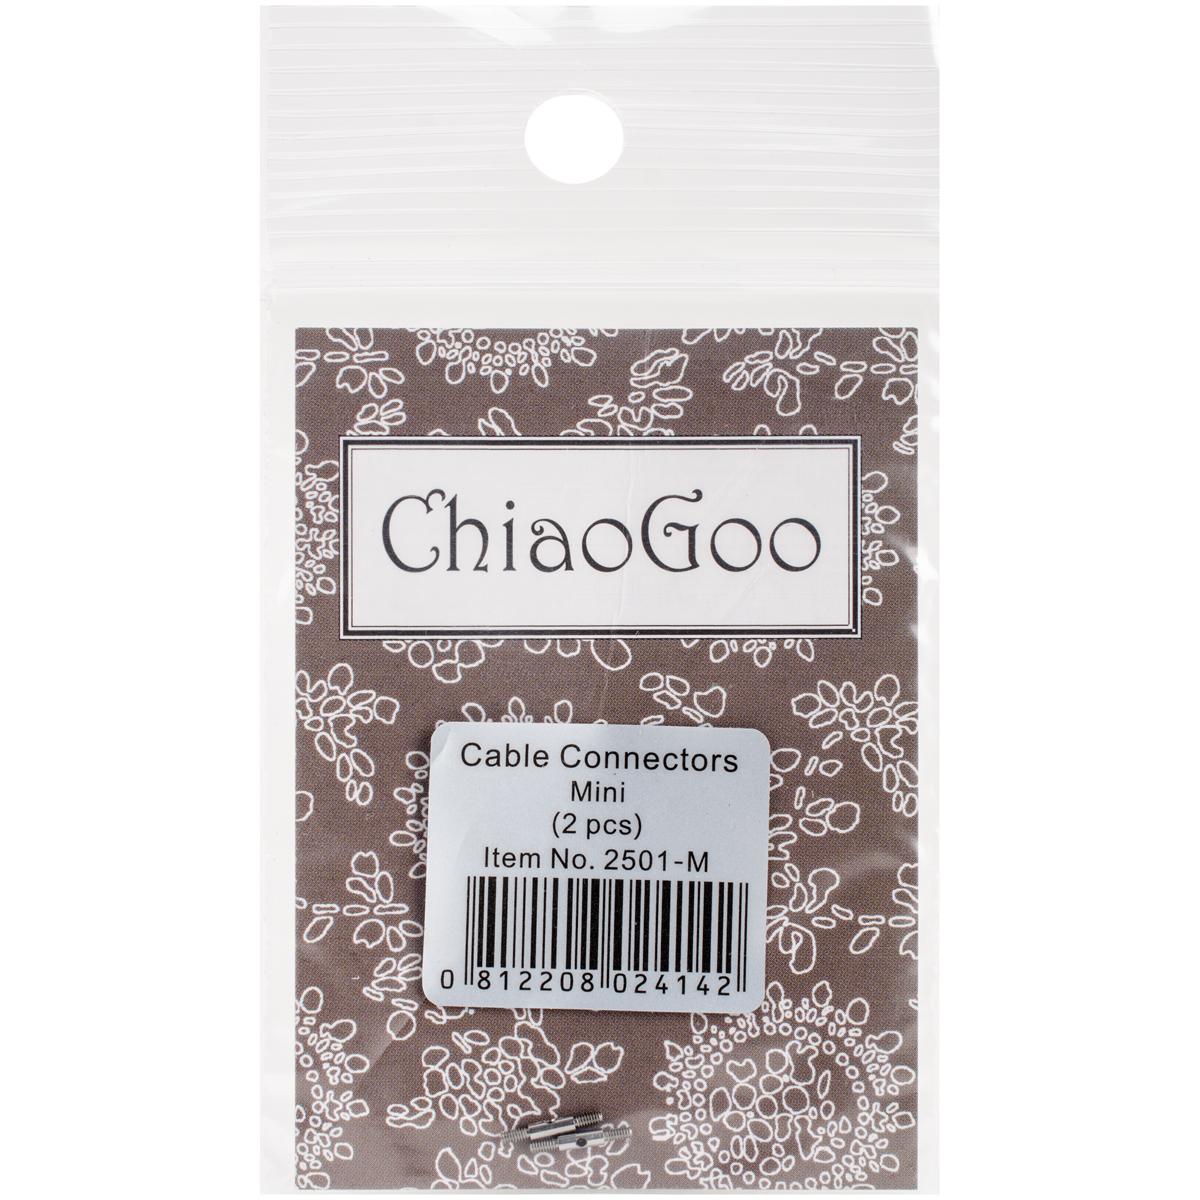 ChiaoGoo Cable Connectors-Mini 2/Pkg